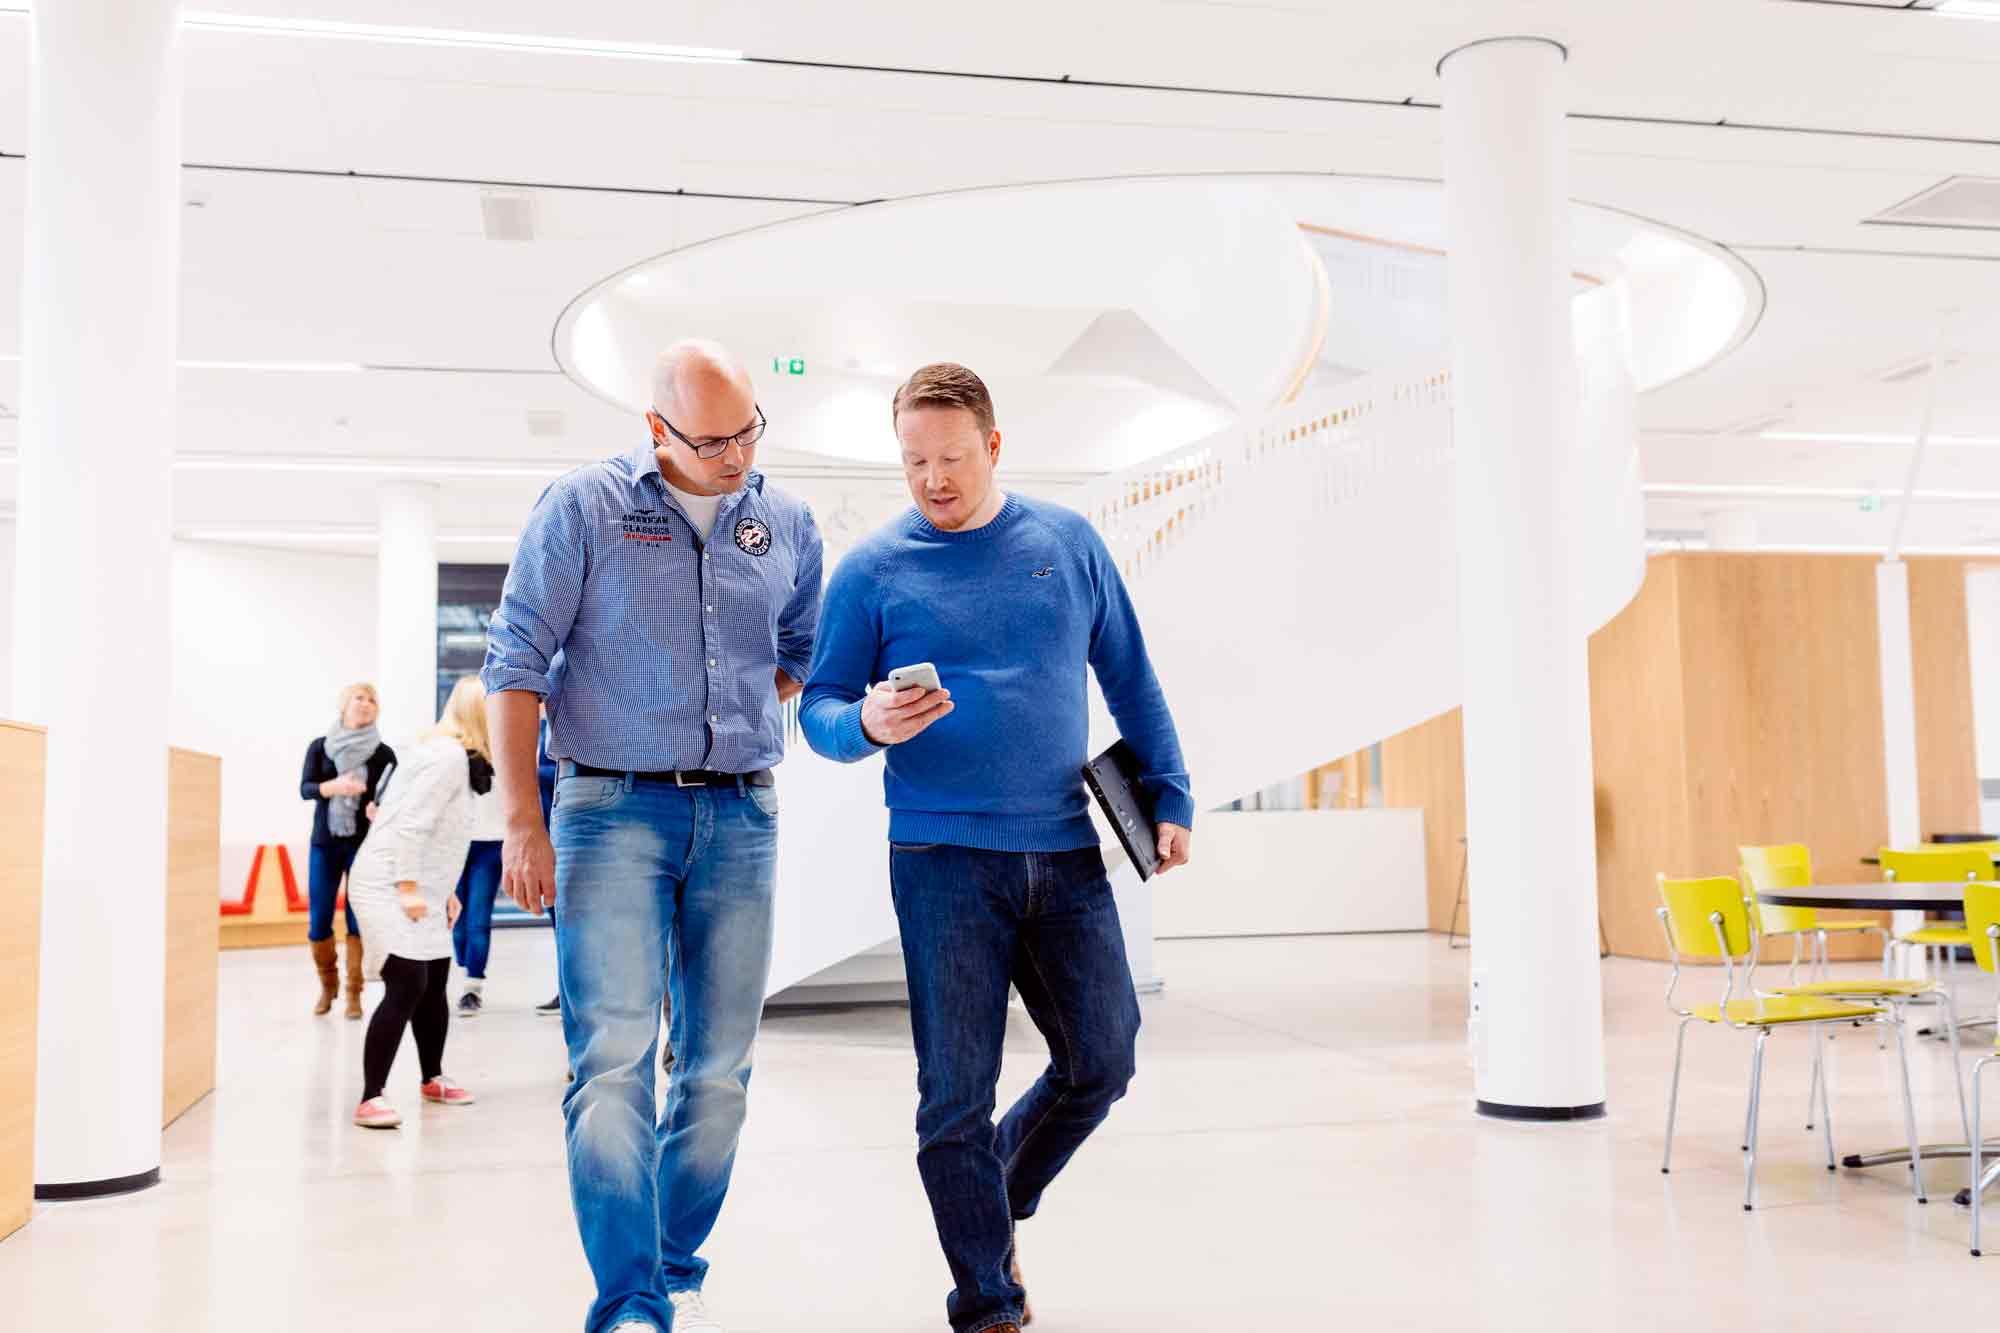 HAMK kuvituskuva kävelevät miehet